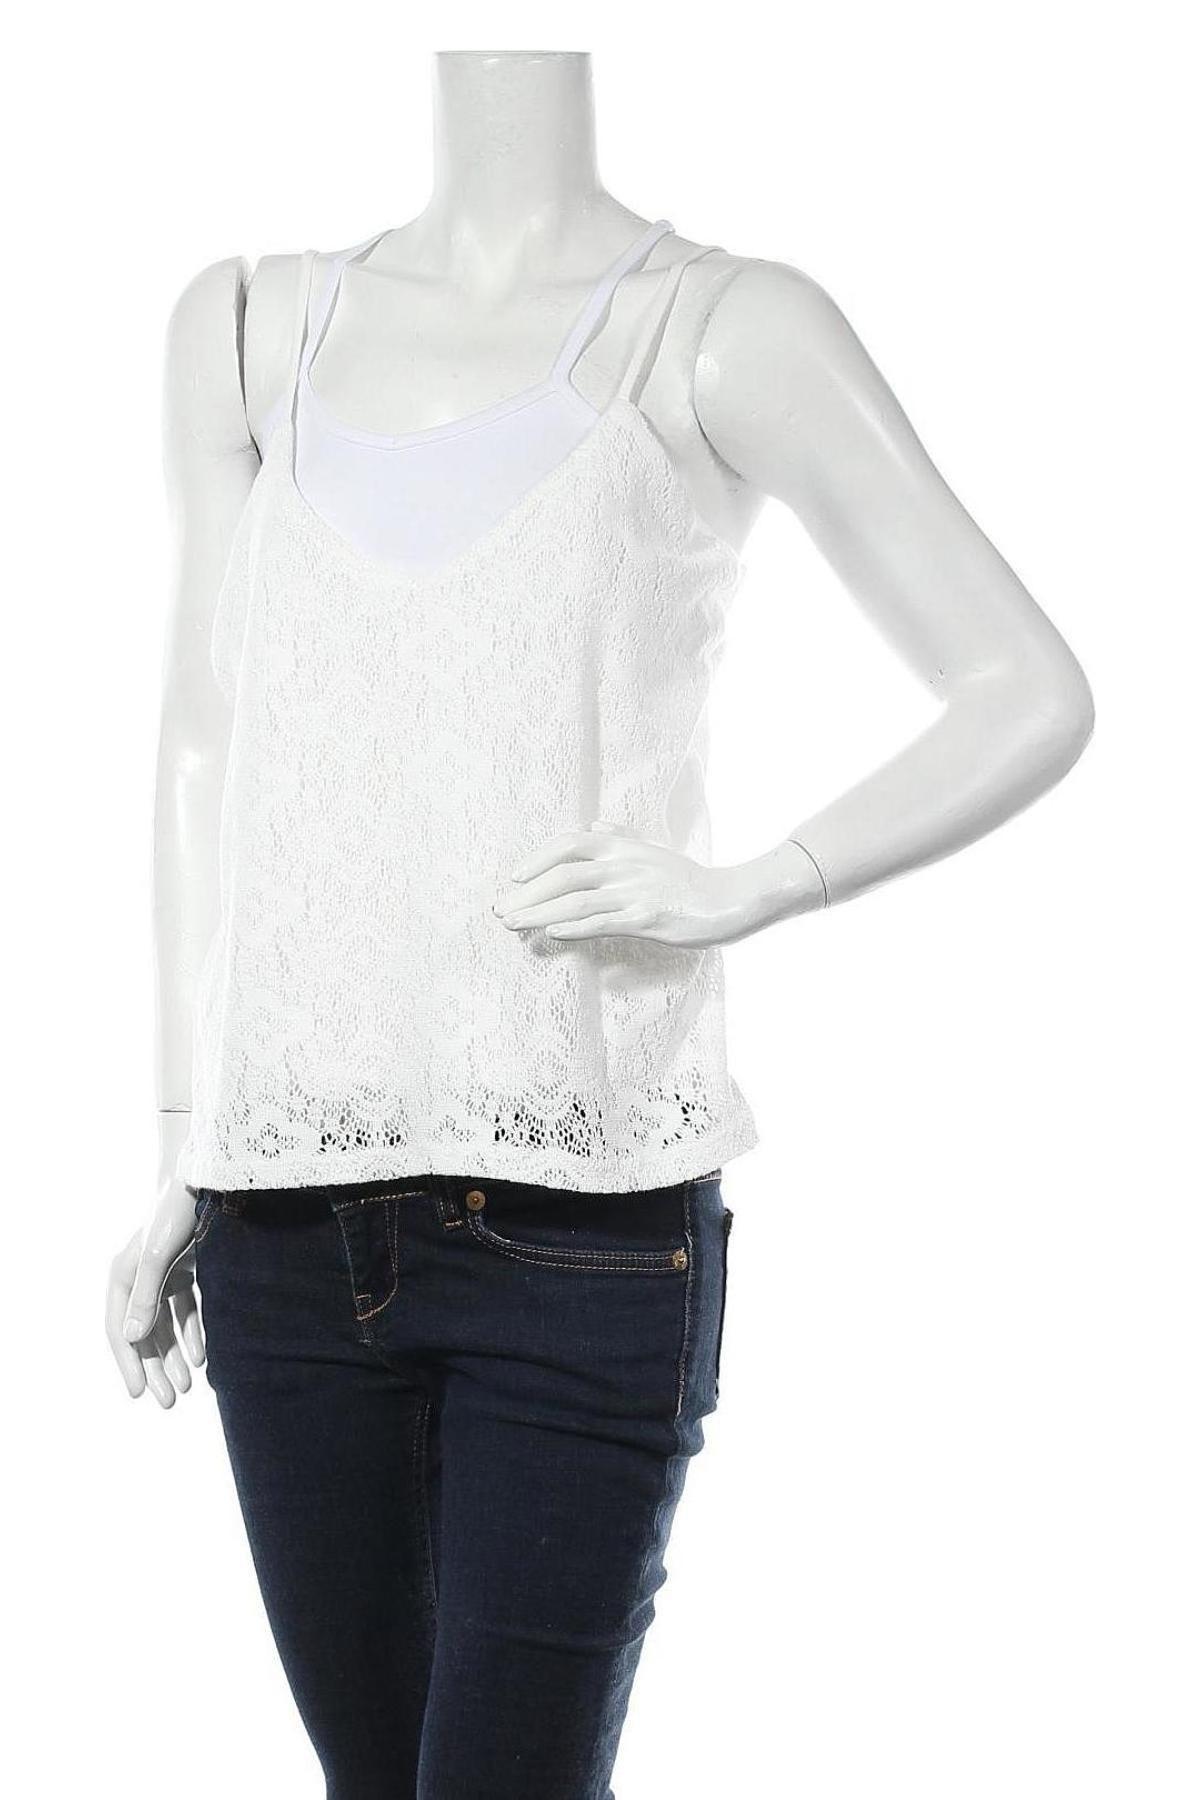 Дамски потник Hailys, Размер XL, Цвят Бял, 75% памук, 25% полиестер, Цена 8,00лв.